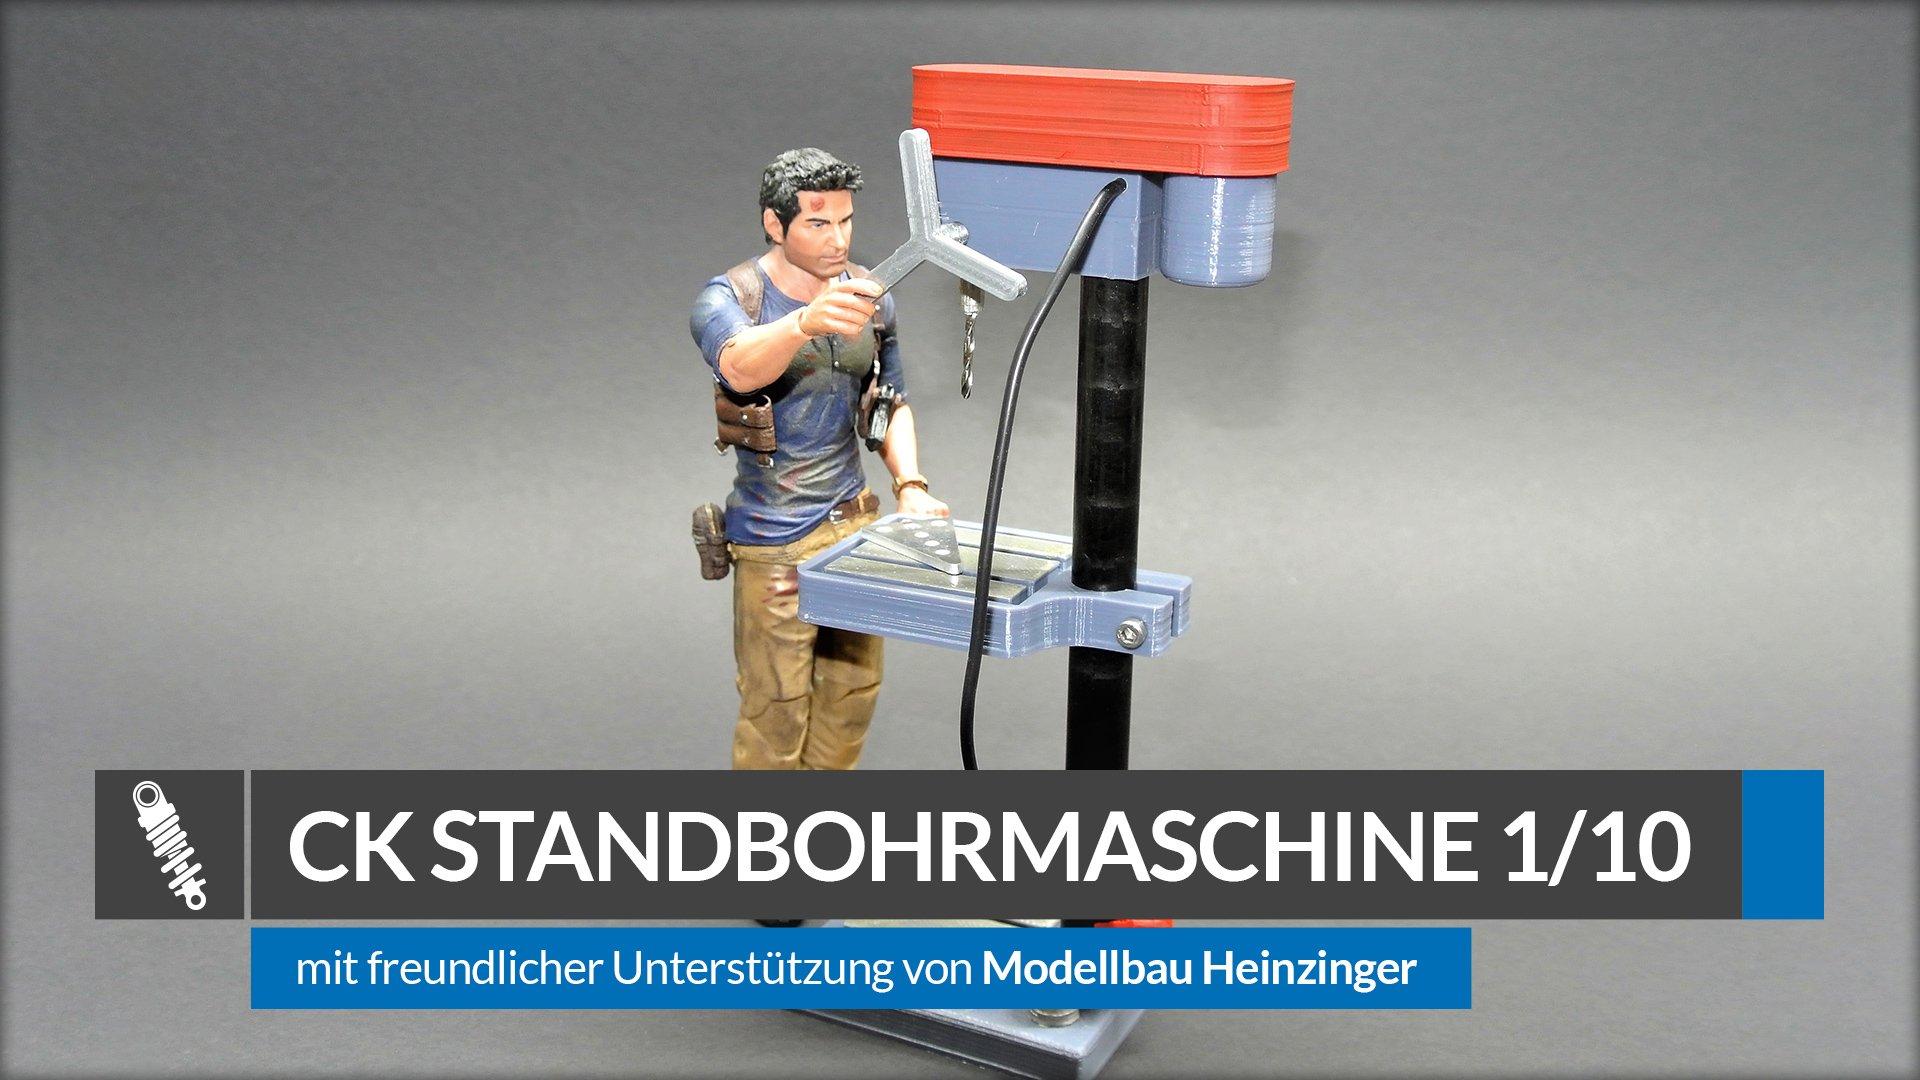 CK Ständerbohrmaschine 1:10 von Modellbau Heinzinger